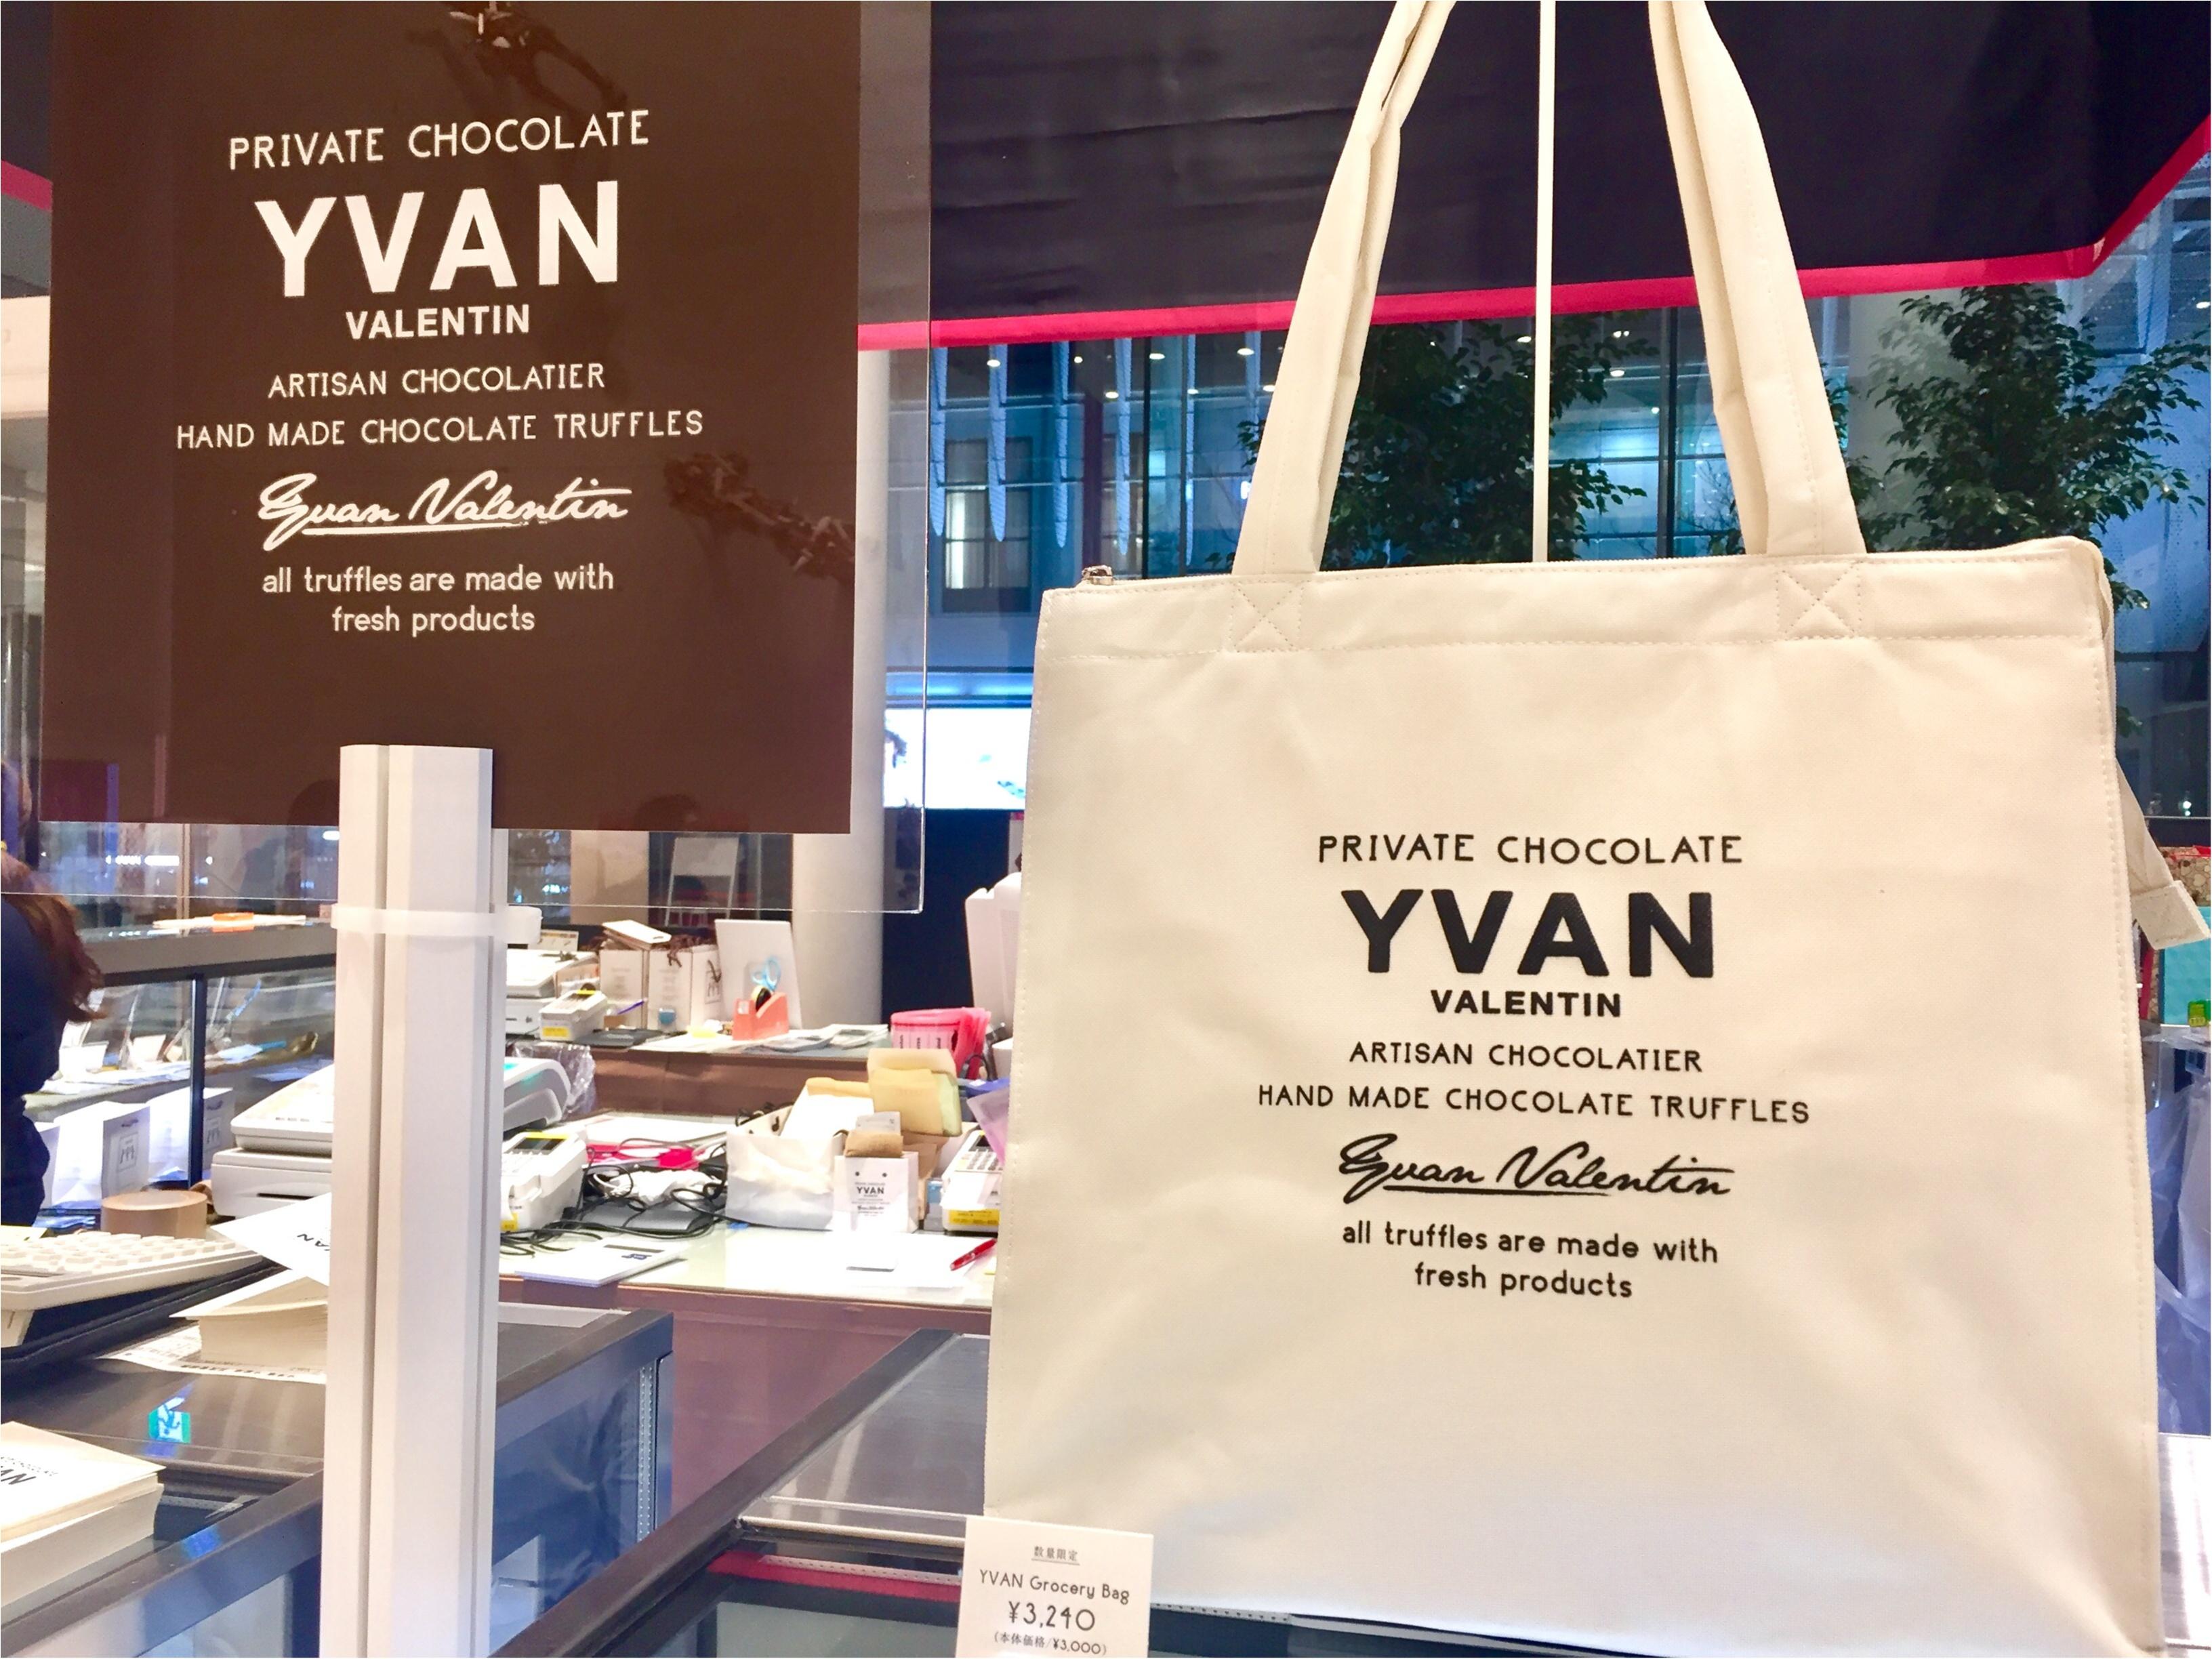 【FOOD】今年の本命チョコはこれ!知る人ぞ知る、幻のチョコレート♥︎「YVAN」_6